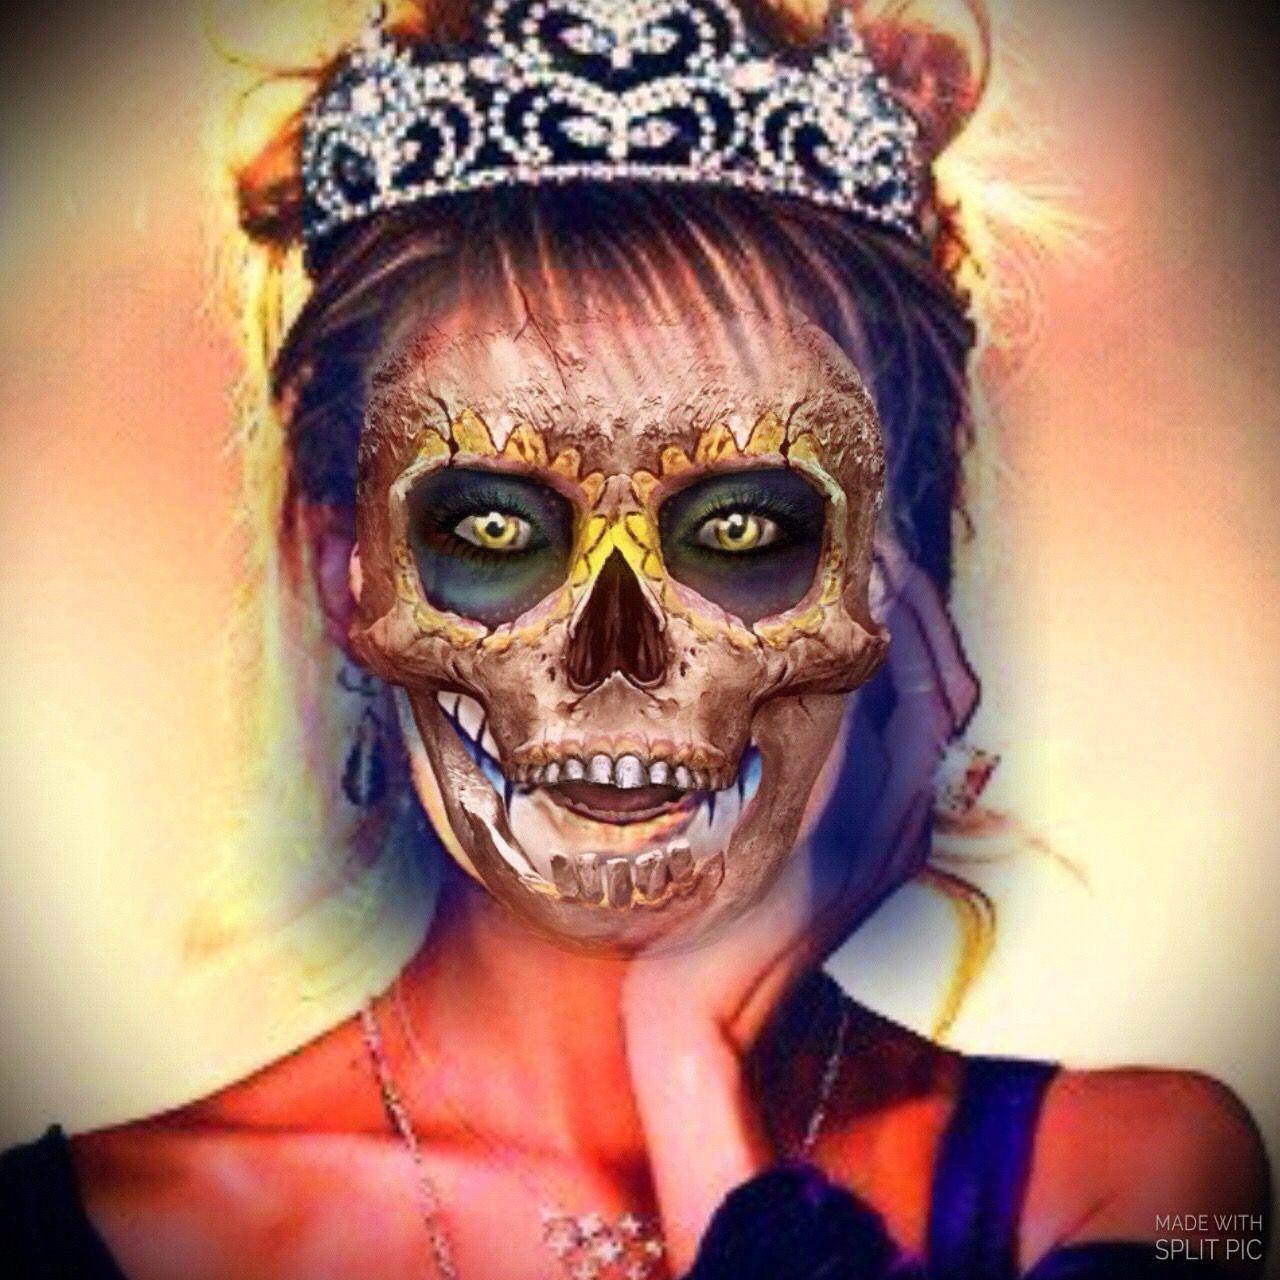 Pin by 👑MadameWicked👑 on αԹԹʍαηία Halloween face makeup